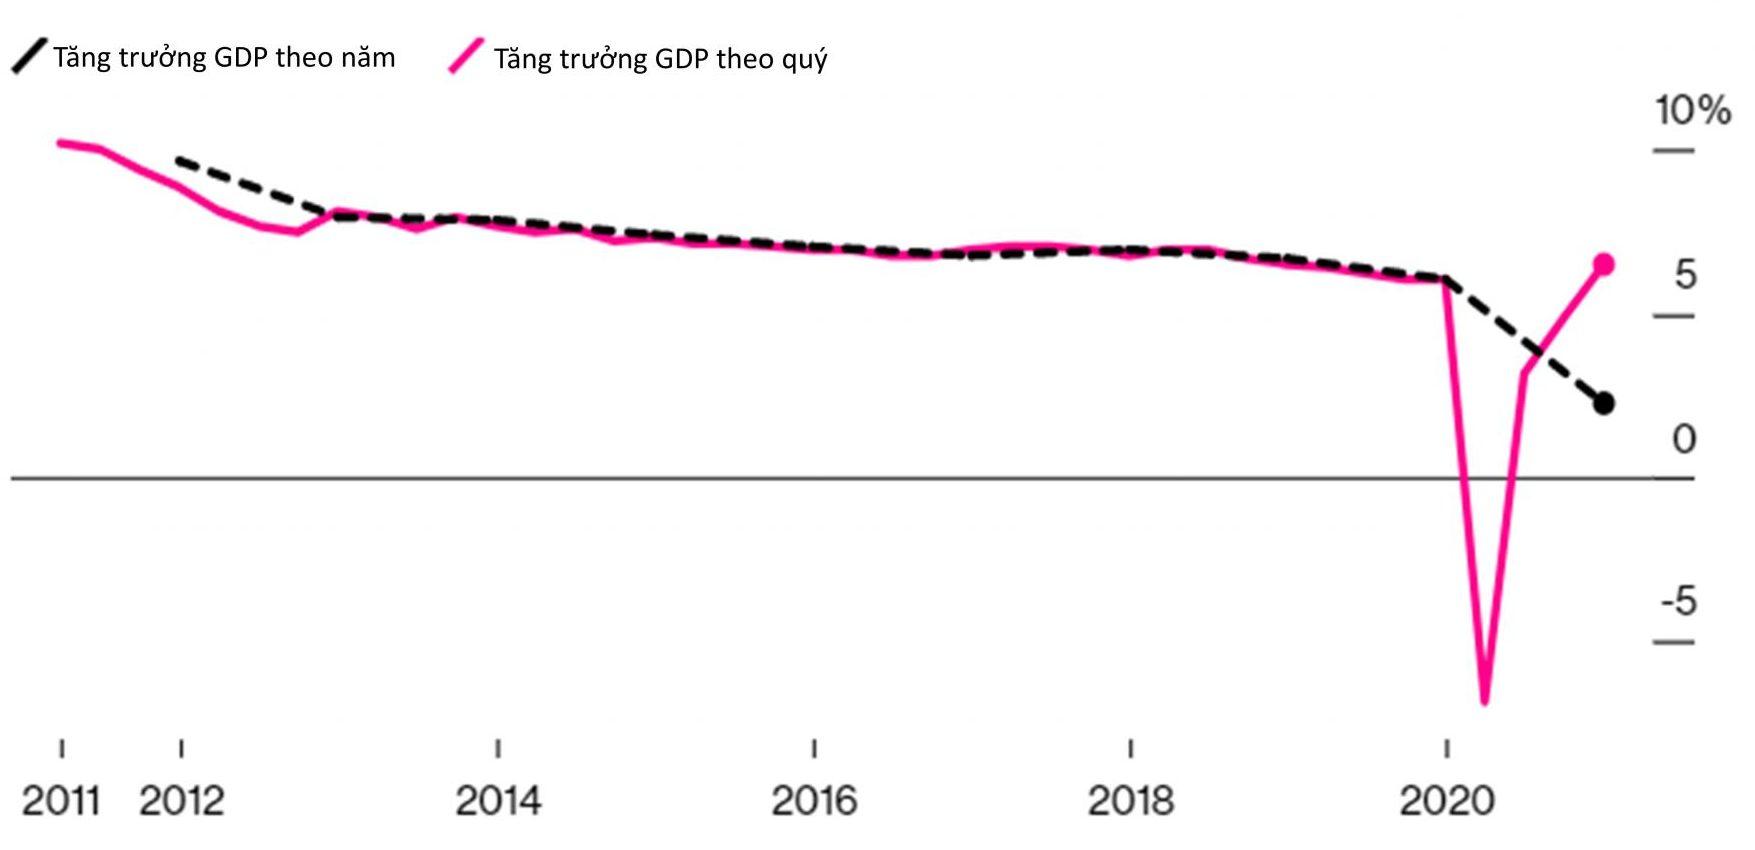 GDP của Trung Quốc năm 2020